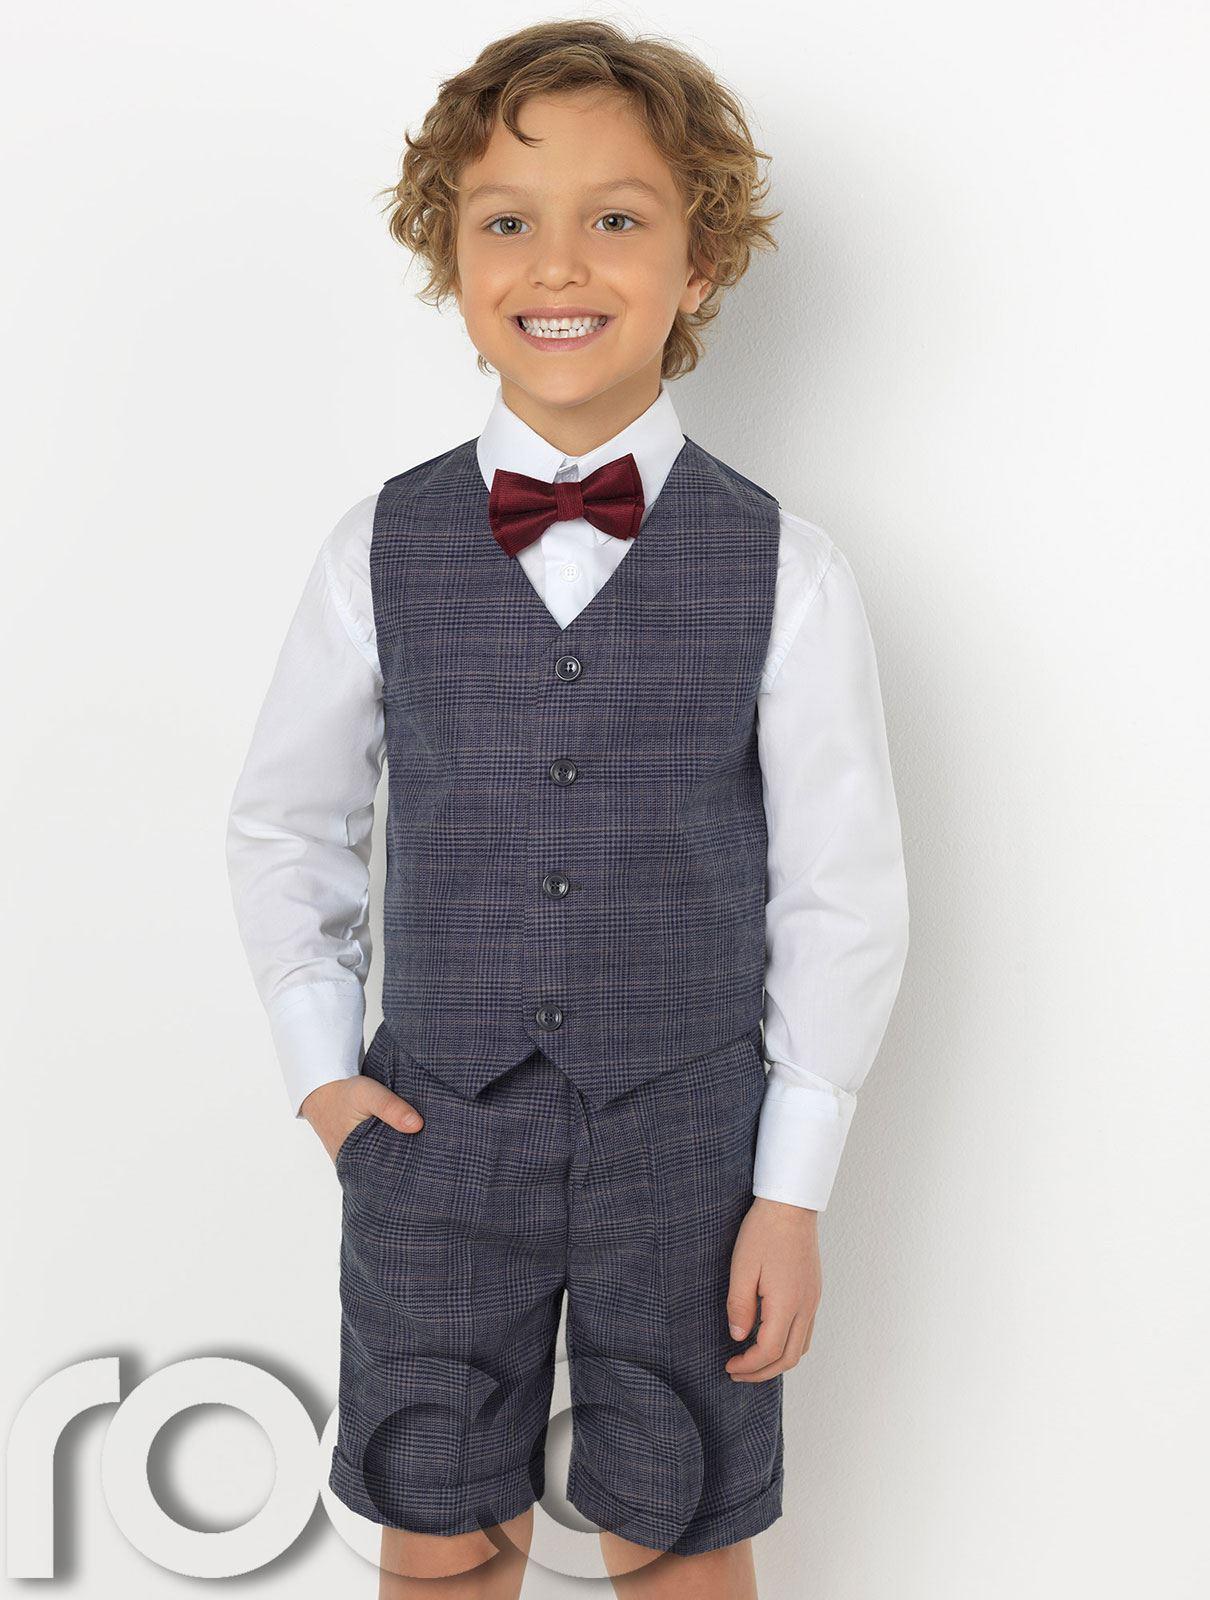 Boys Waistcoat Suit Boys Check Suits Boys Suits Boys Short Suit